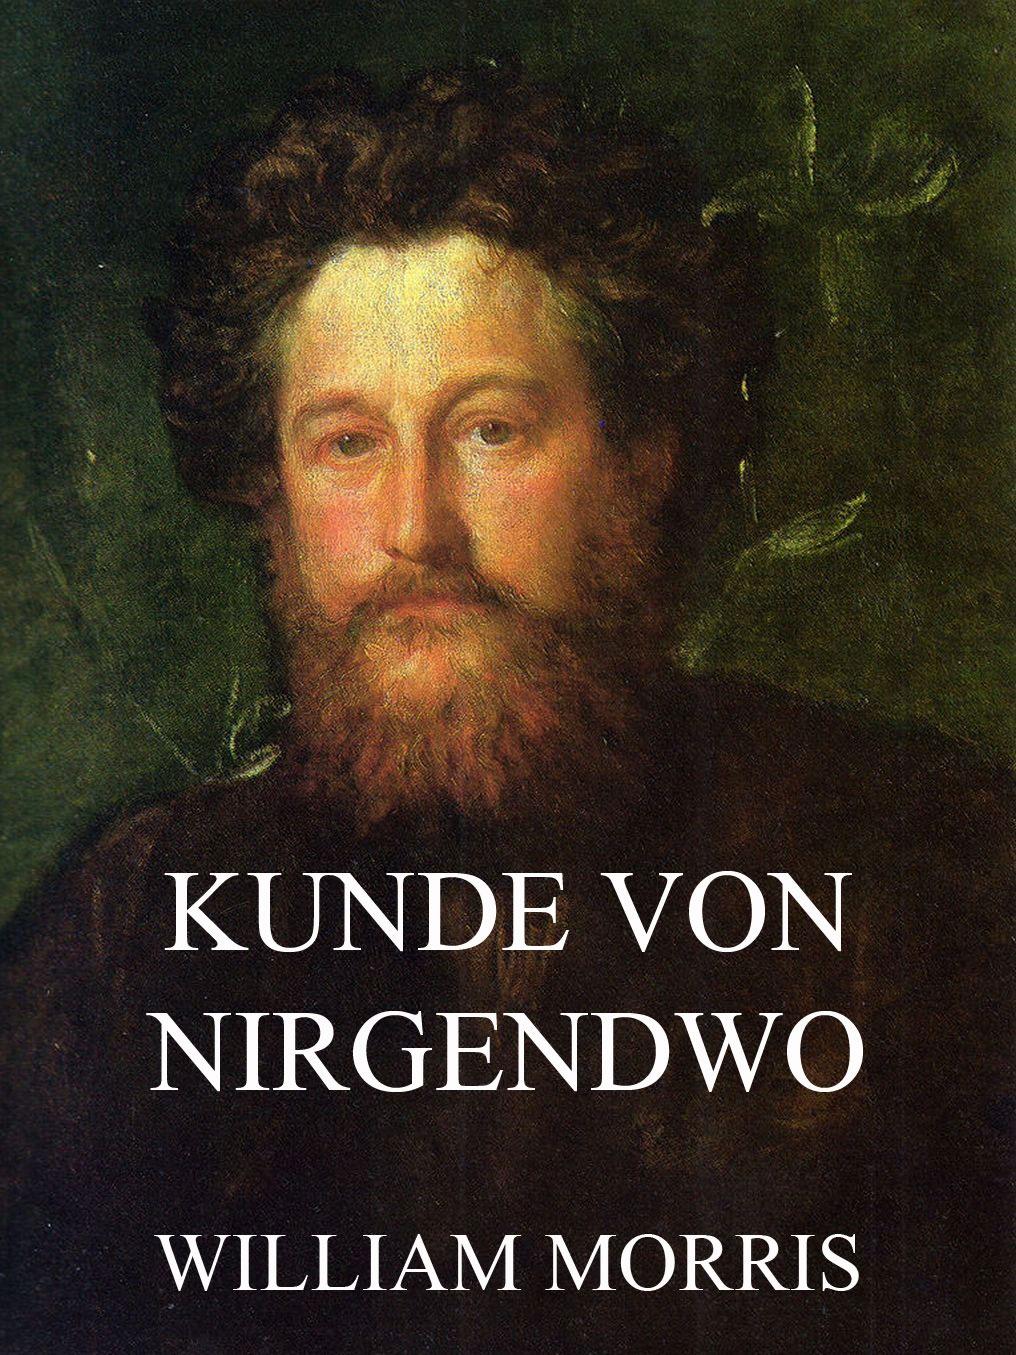 William Morris Kunde von Nirgendwo william morris 100 postcards